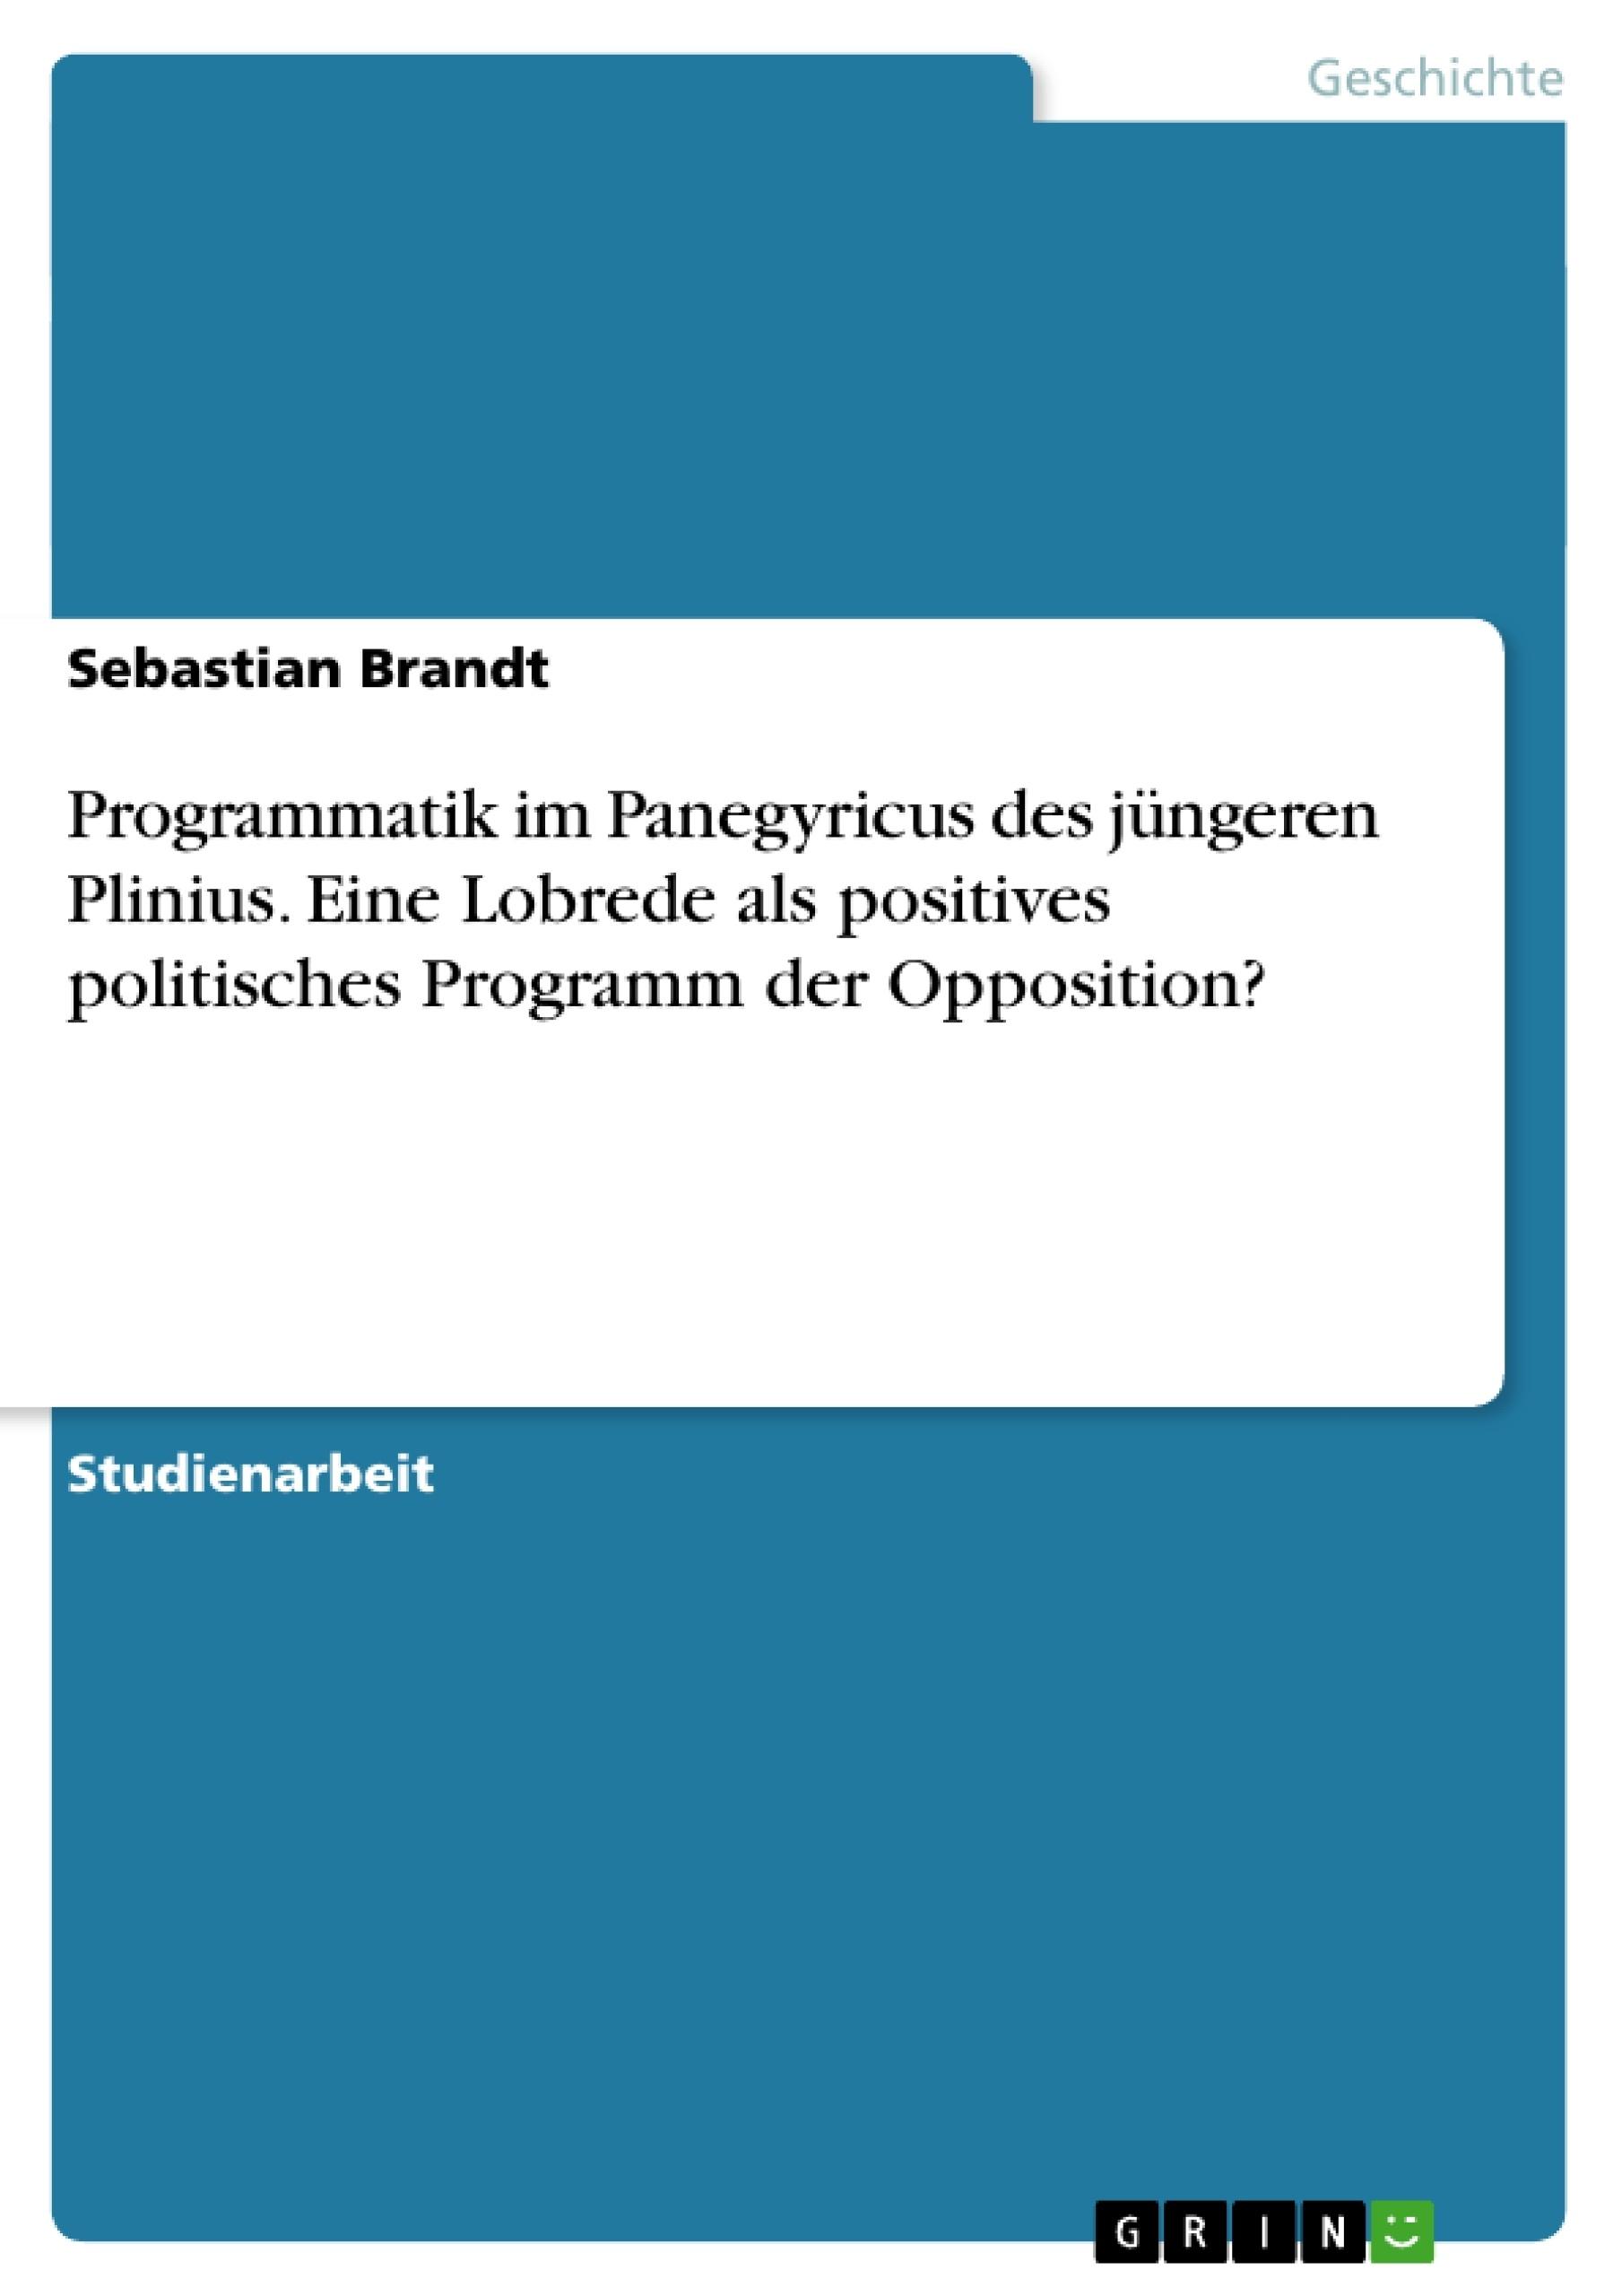 Titel:   Programmatik im Panegyricus des jüngeren Plinius.  Eine Lobrede als positives politisches Programm der Opposition?